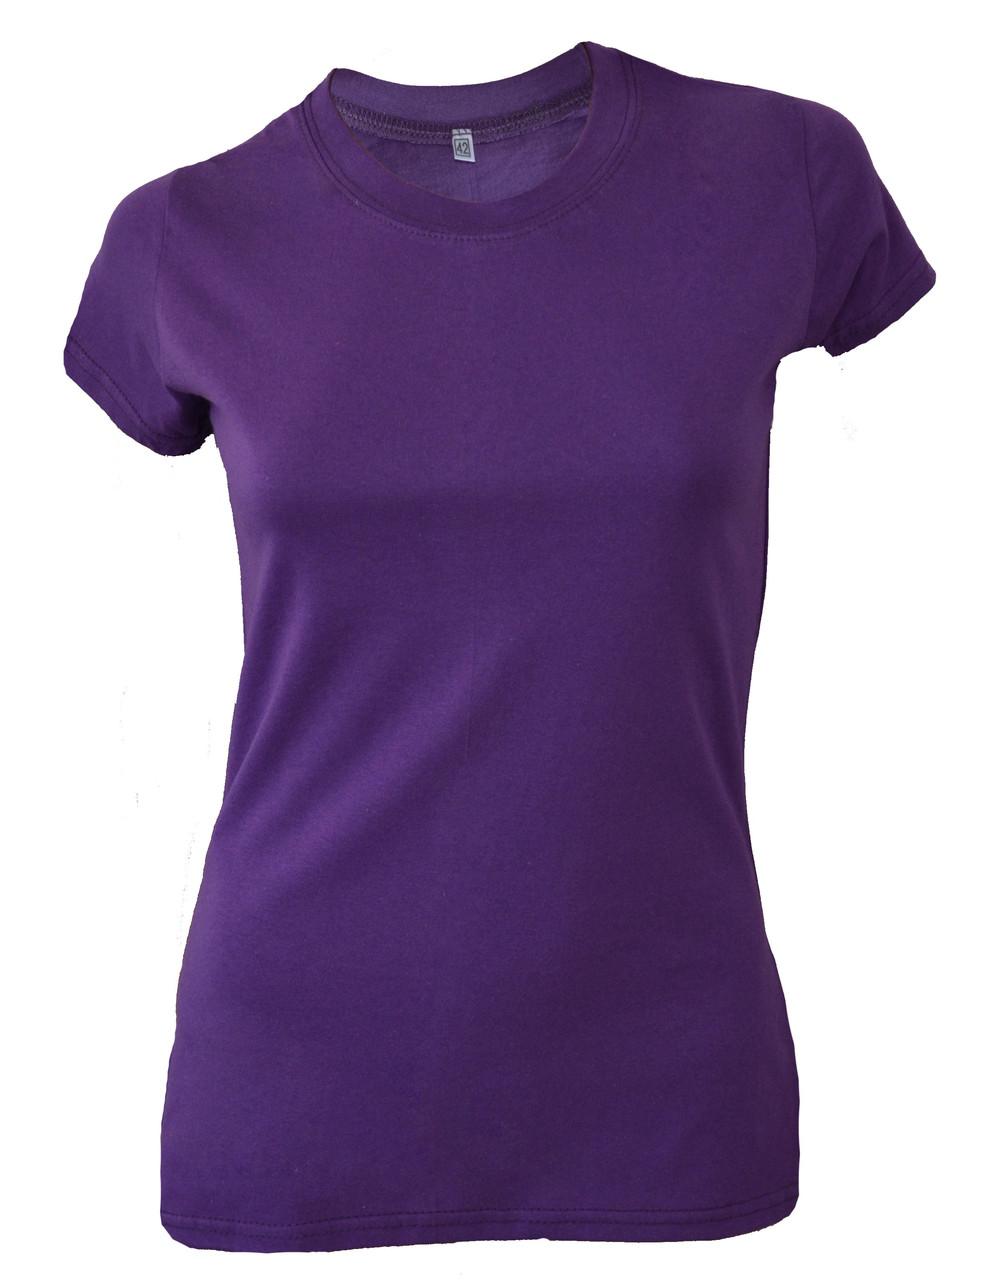 Футболка женская фиолетовая с разрезами по бокам